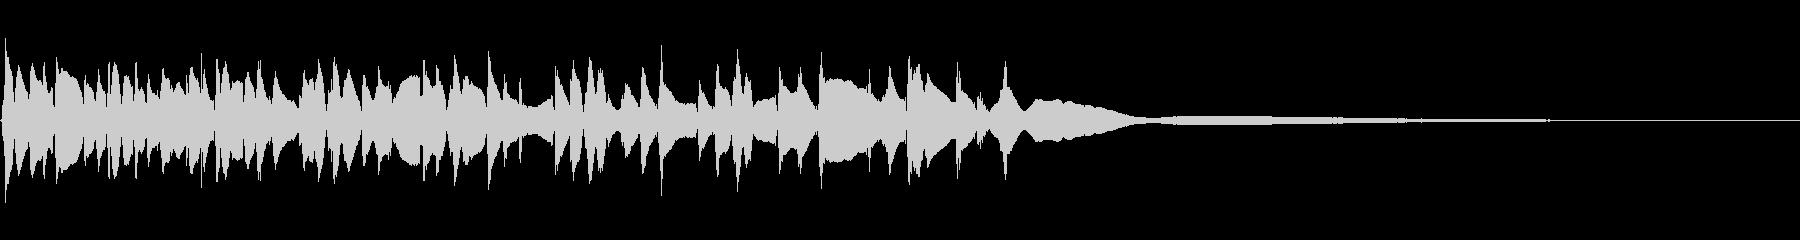 マンドリン:リズムストラミングアク...の未再生の波形